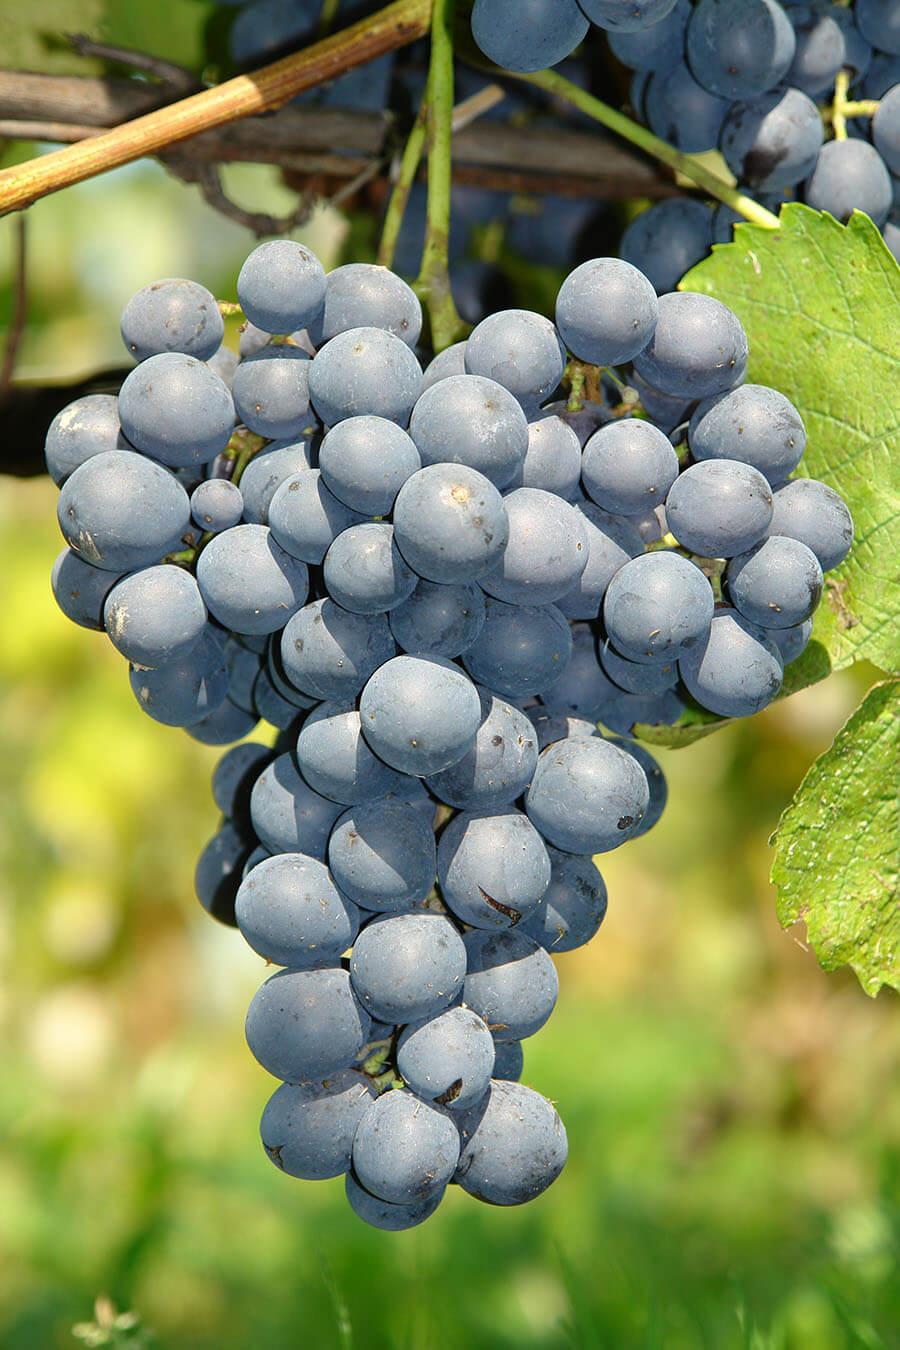 szkółkarstwo, sadzonki, szczepki, odmiany, winorośl, biała, czerwona, deserowa, bezpestkowa